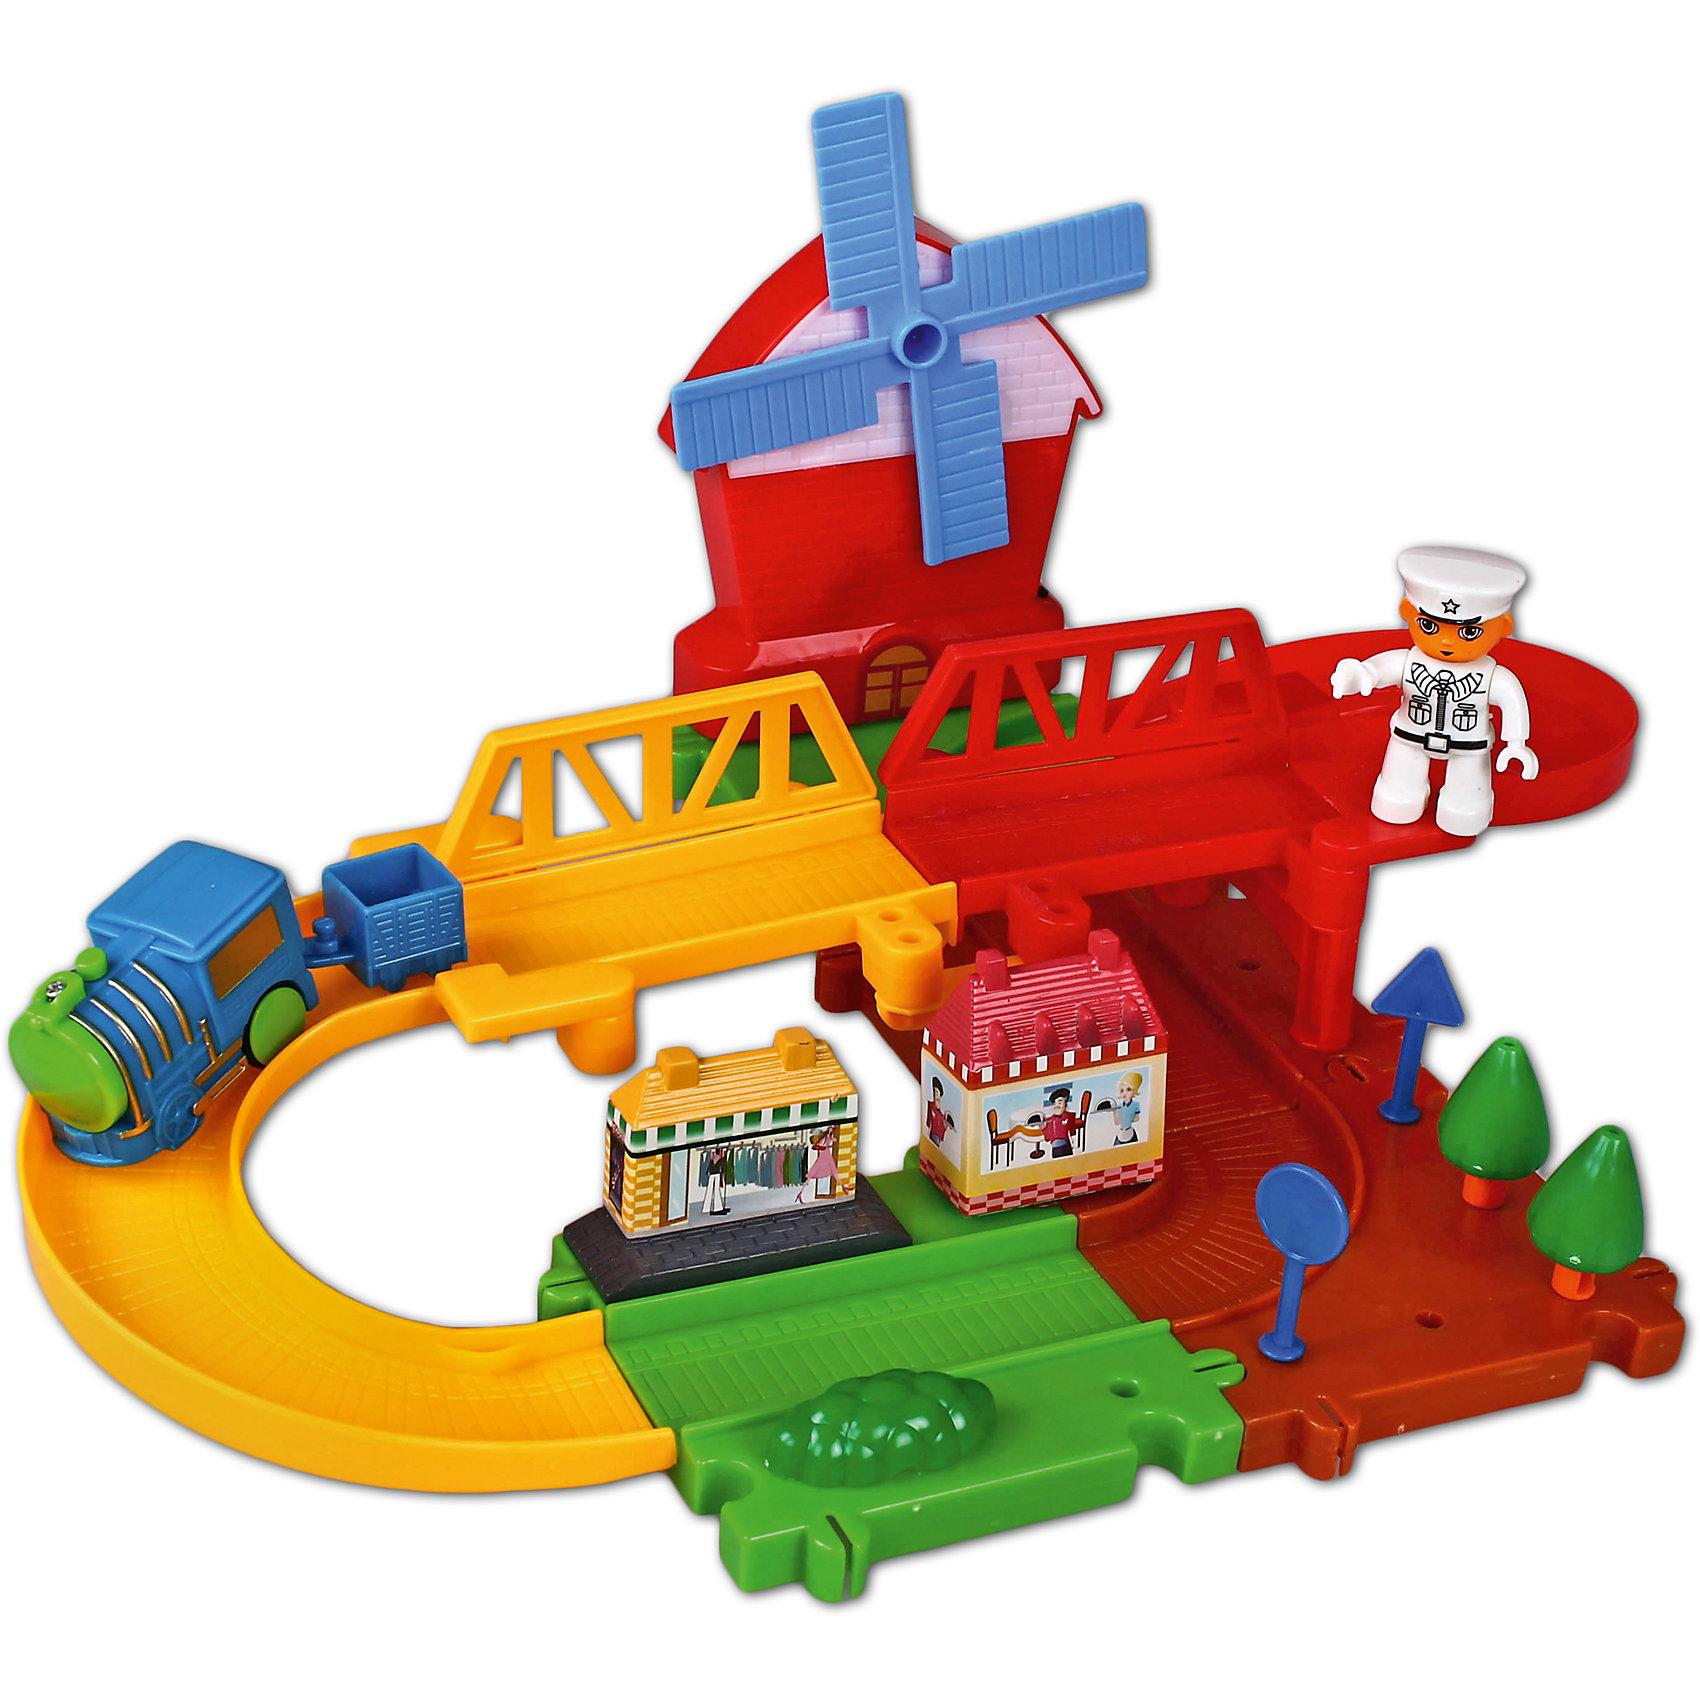 Железная дорога Веселые горки, Голубая стрелаЖелезные дороги<br>Железная дорога Веселые горки, Голубая стрела.<br><br>Характеристики:<br><br>• Комплектация: 6 элементов пути, 7 элементов моста, паровозик, вагонетка, мельница, фигурка регулировщика, 2 железнодорожных знака, 2 строения, 2 дерева, кустарник<br>• Размер паровозика: 5,5х2,5х3,5 см.<br>• Ширина колеи: 7,5 см.<br>• Батарейки: 1 типа ААА 1,5V для поезда, 2 батарейки типа АА 1,5V для мельницы (в комплект не входят)<br>• Материал: пластик<br>• Упаковка: картонная коробка<br>• Размер упаковки: 34х6х25 см.<br><br>Красочная железная дорога «Веселые горки» от производителя Голубая стрела очень понравится малышам! Крупные и яркие элементы пути легко соединяются между собой, как пазл. Ребенок без труда соберет 2-х уровневую дорогу, рядом с которой разместятся мельница, станционные домики, железнодорожные знаки, деревья, кустарник и регулировщик. <br><br>Переведите переключатель на паровозике в нужное положение. Паровозик и вагонетка весело побегут по рельсам, гудя и издавая задорное «чух-чух». Движение игрушки сопровождается не только звуковыми, но и световыми эффектами. Играя с железной дорогой, ребенок разовьет логическое мышление, мелкую моторику рук и воображение.<br><br>Железную дорогу Веселые горки, Голубая стрела можно купить в нашем интернет-магазине.<br><br>Ширина мм: 340<br>Глубина мм: 250<br>Высота мм: 56<br>Вес г: 597<br>Возраст от месяцев: 36<br>Возраст до месяцев: 2147483647<br>Пол: Мужской<br>Возраст: Детский<br>SKU: 5400243